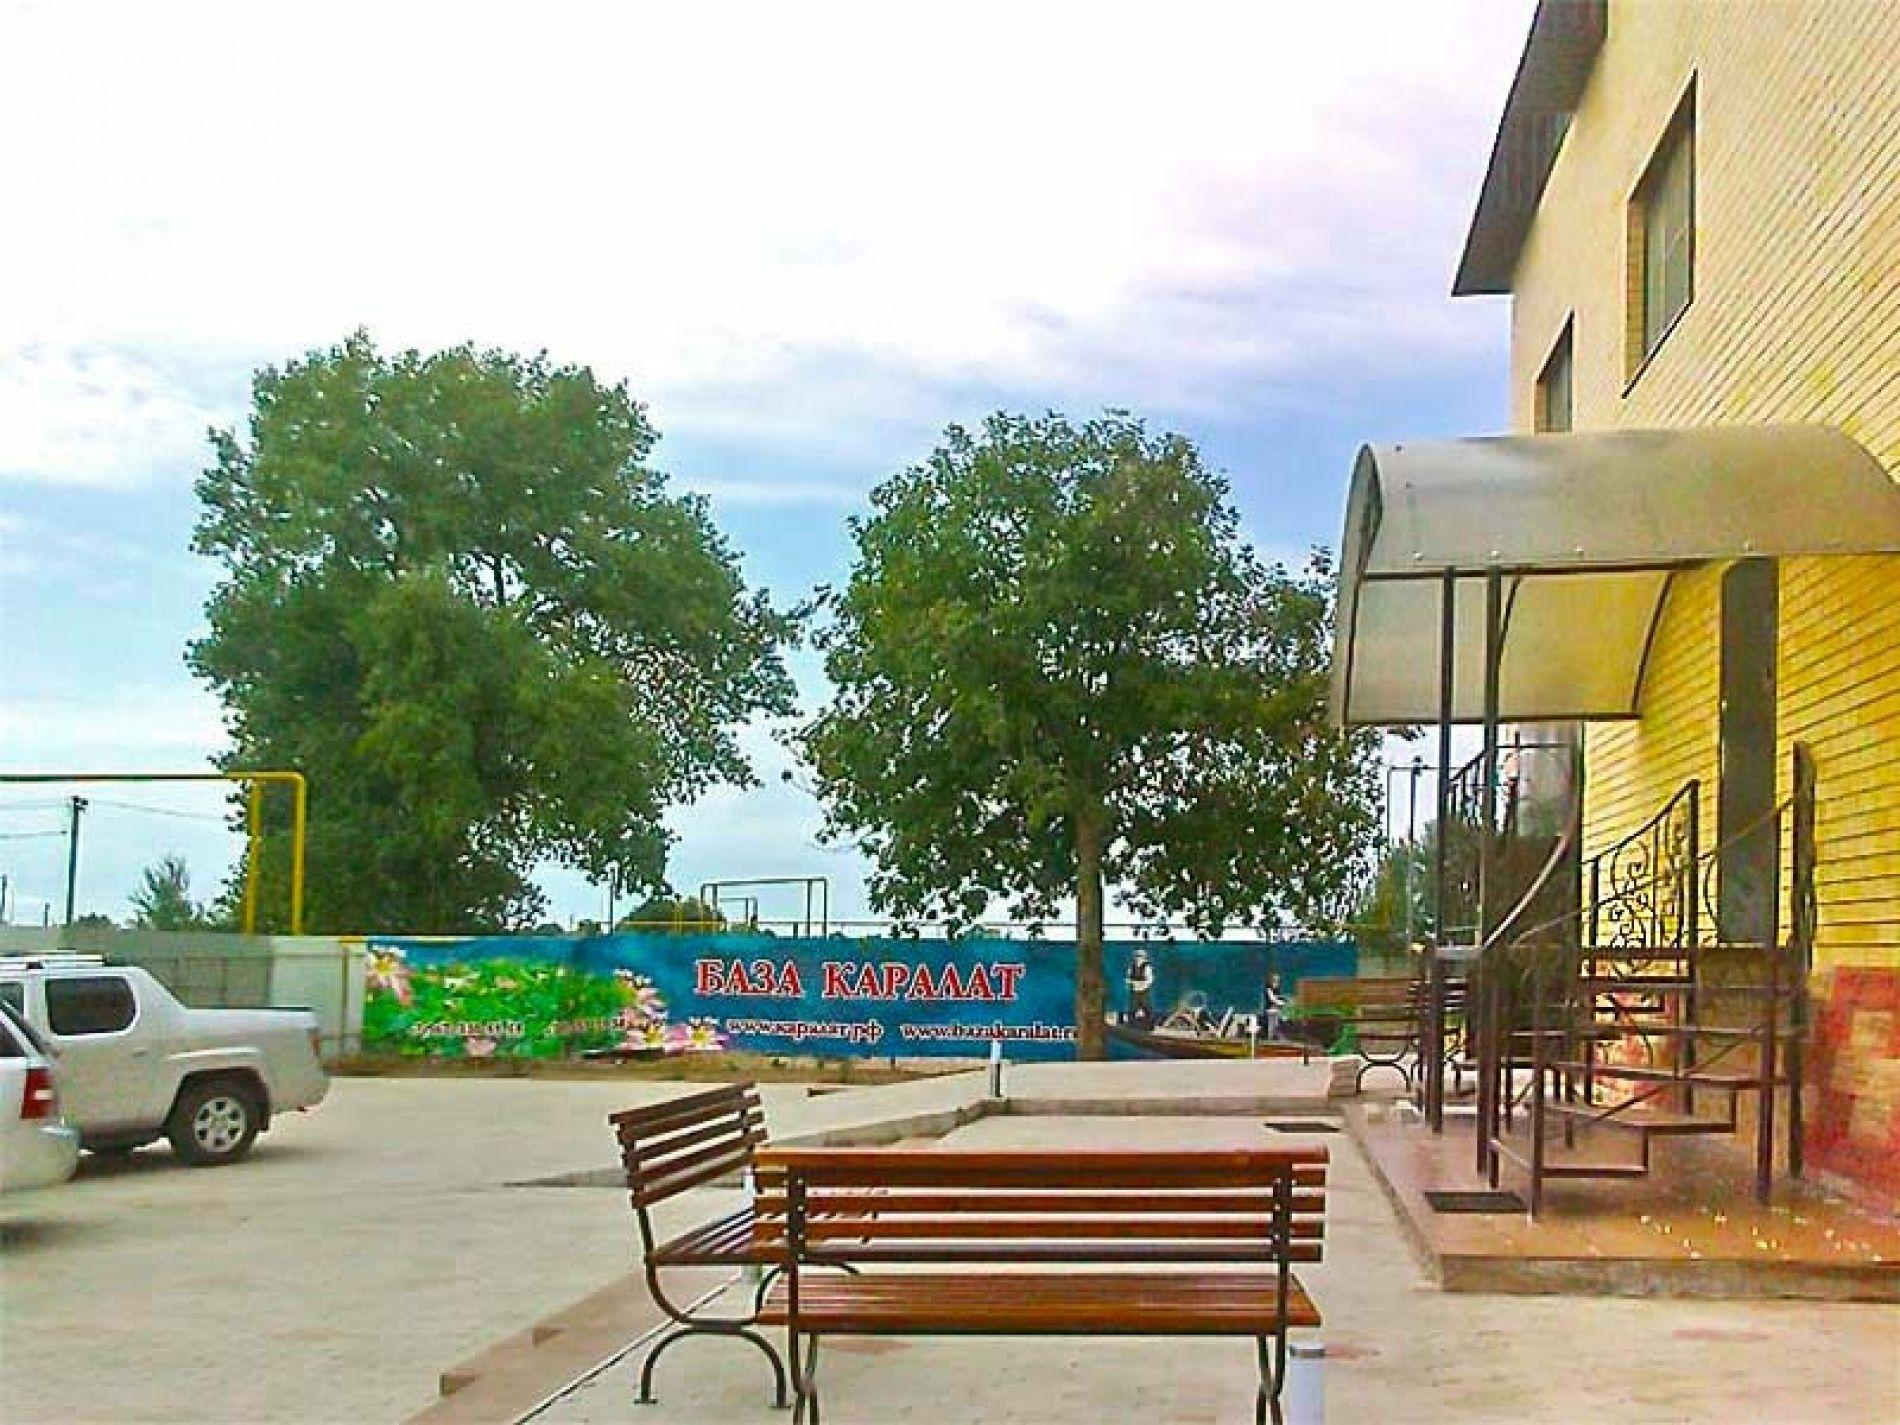 """База отдыха """"Каралат"""" Астраханская область, фото 3"""